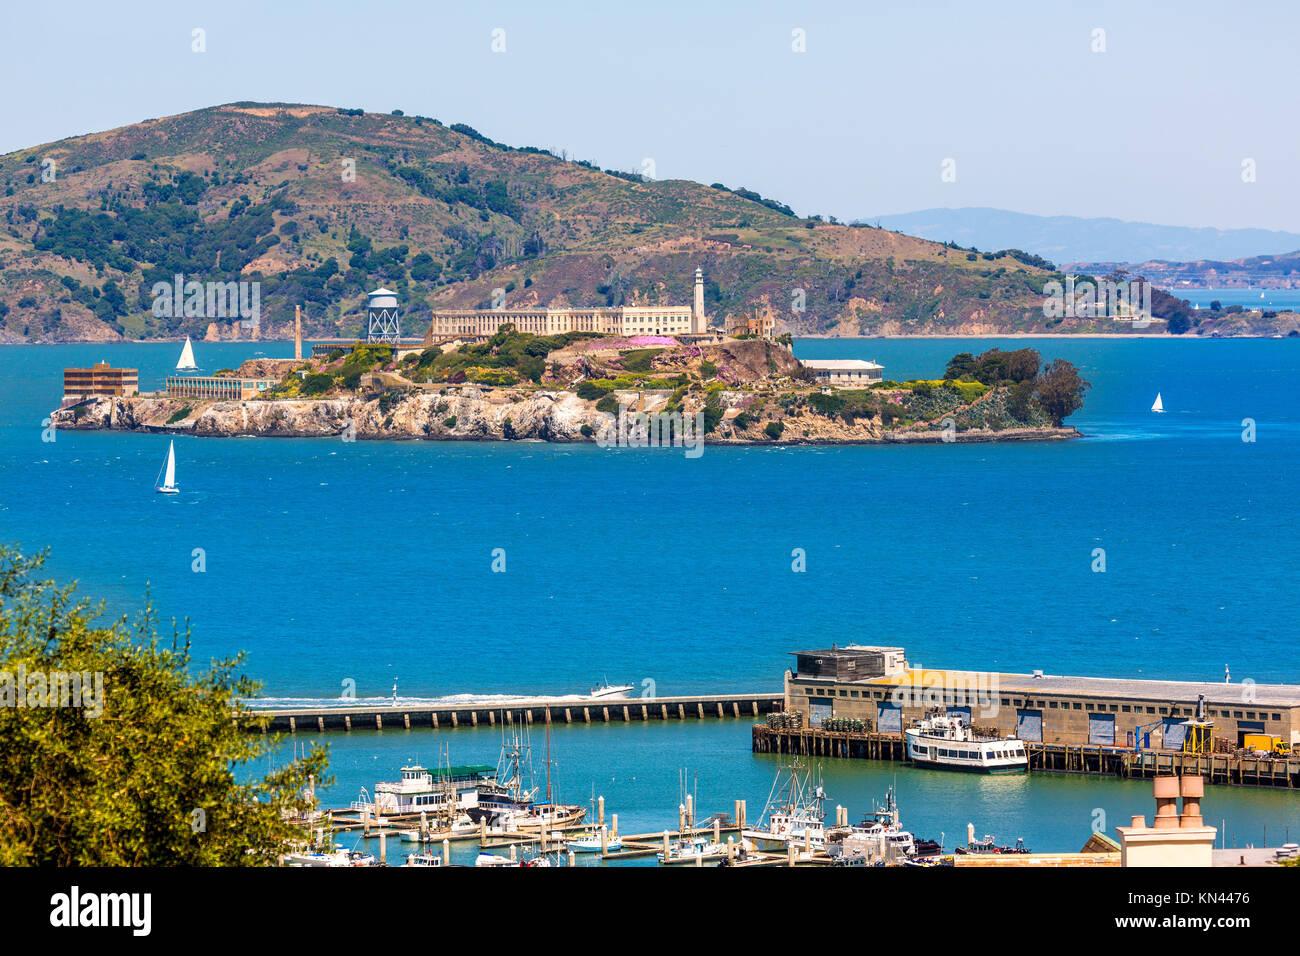 Pénitencier d'Alcatraz à San Francisco en Californie aux États-Unis. Photo Stock